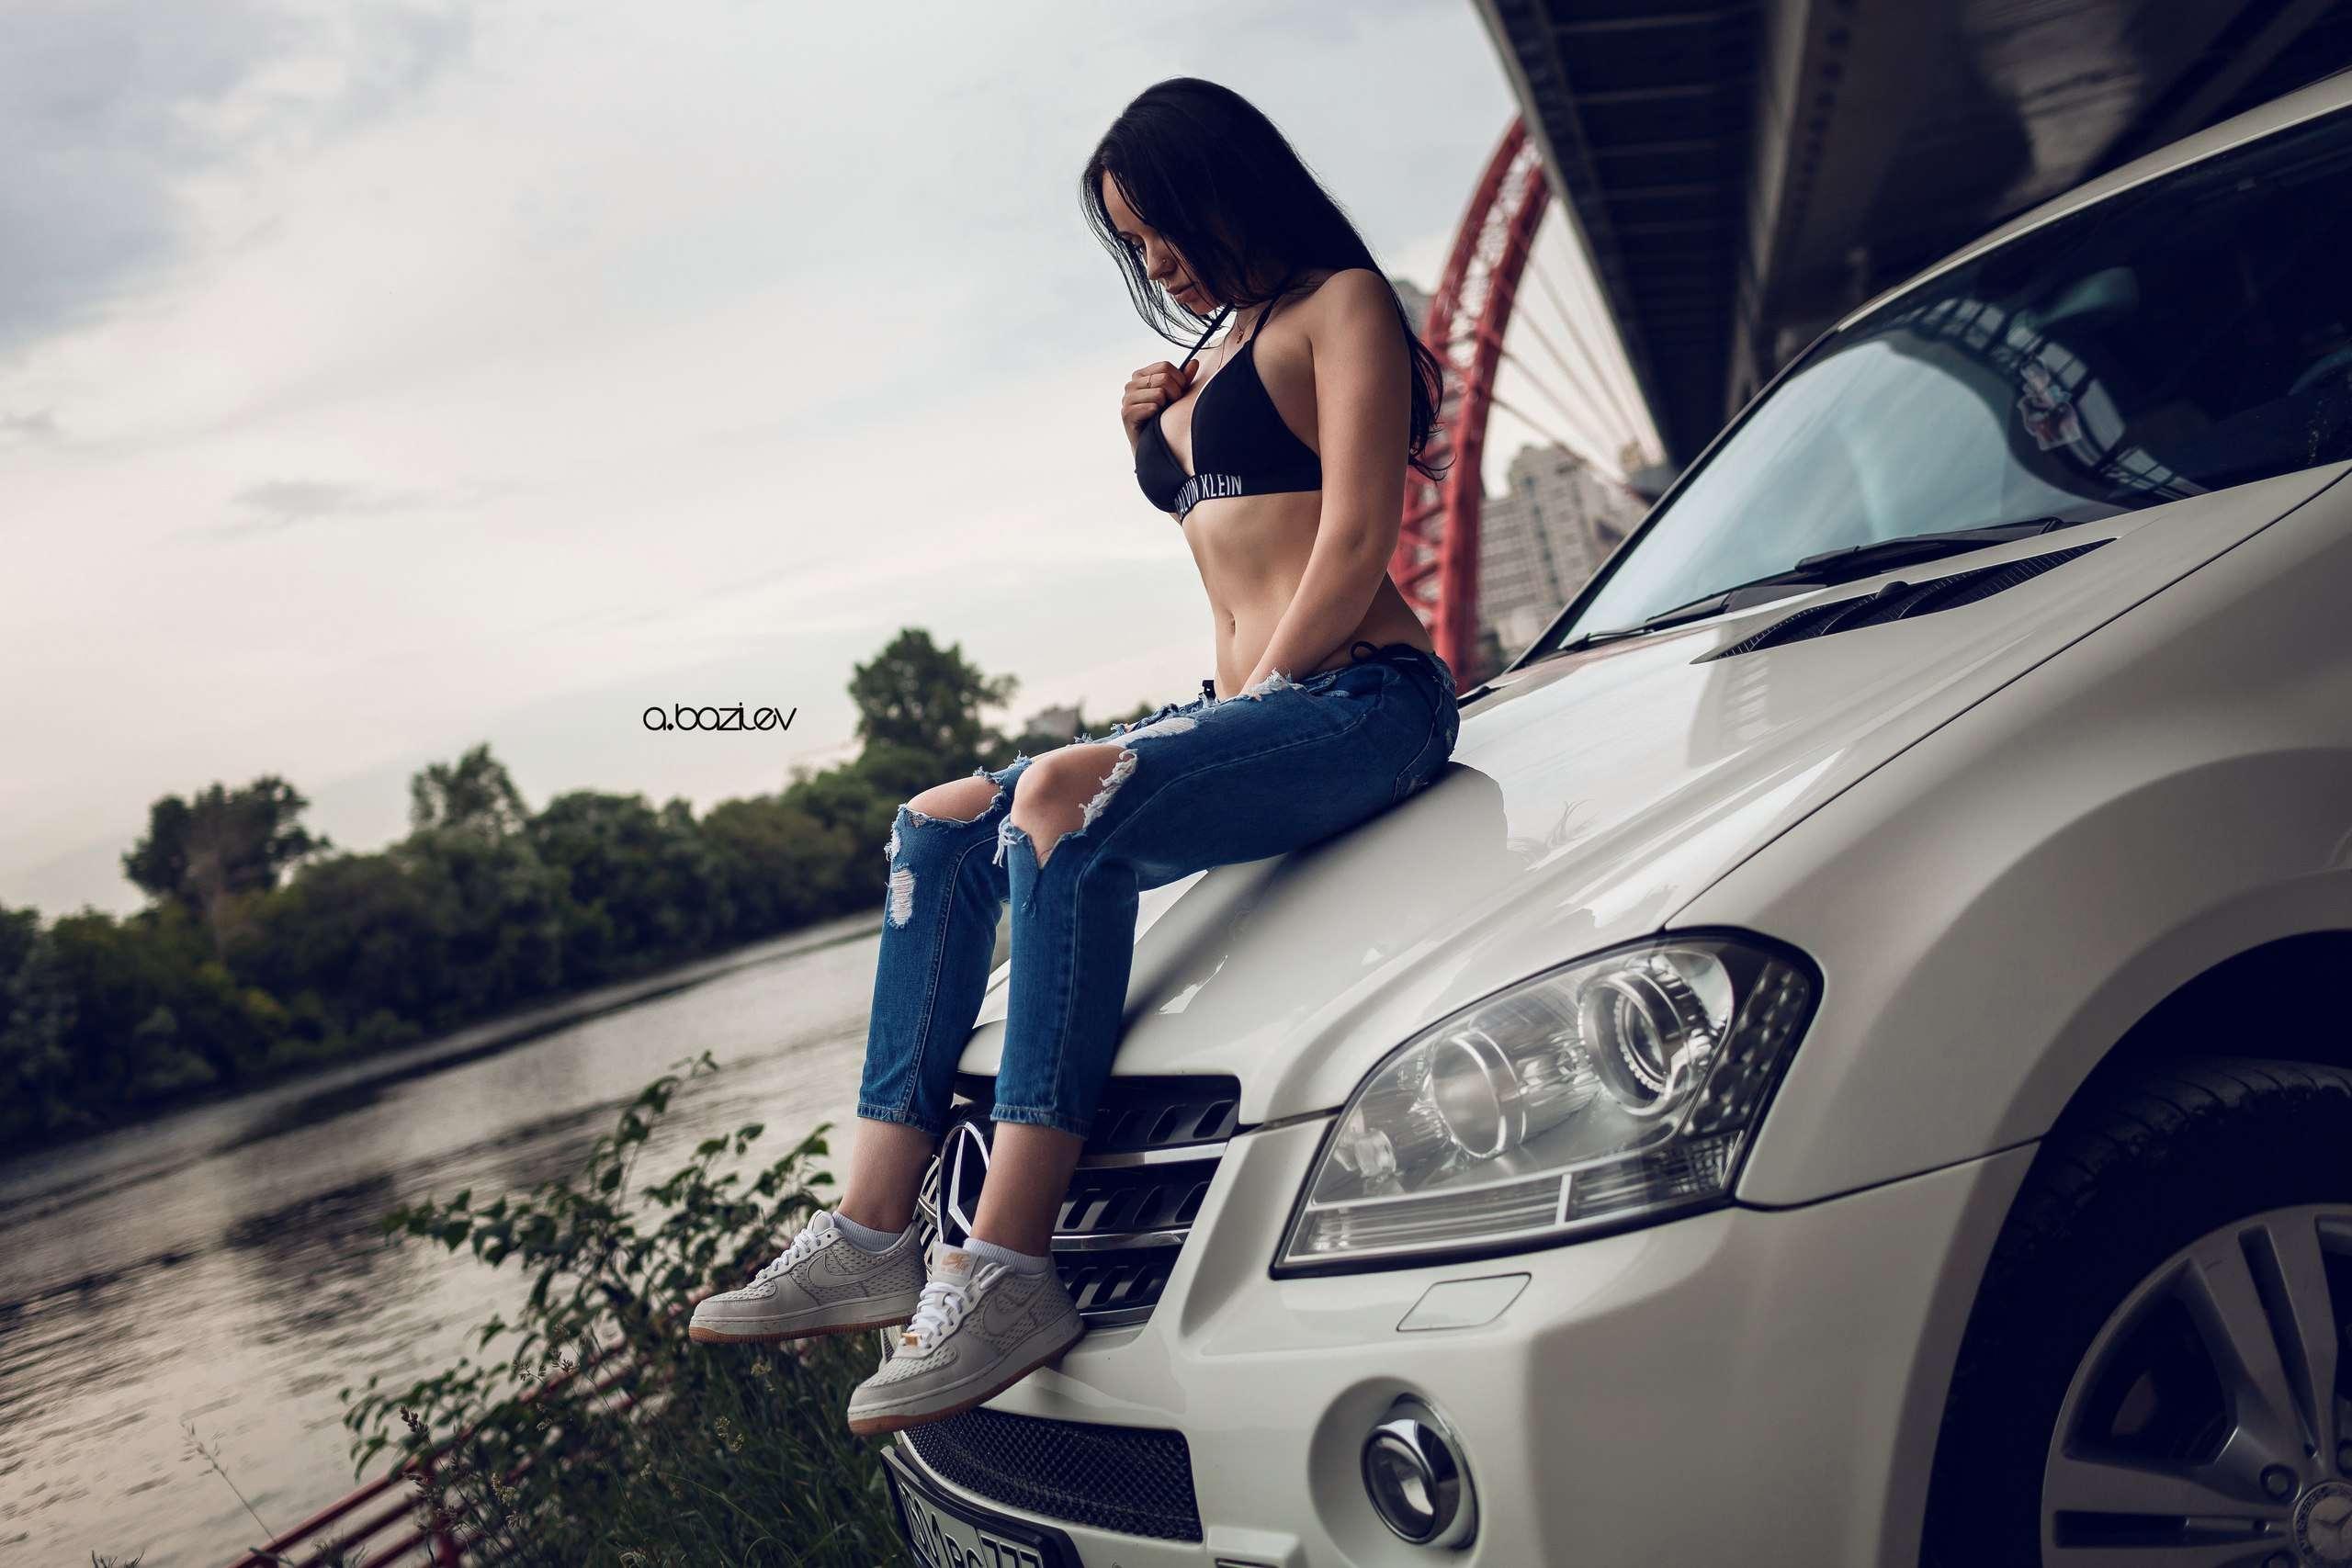 idpT15ZPYTo - Сексуальные девушки и автомобили (часть 10)